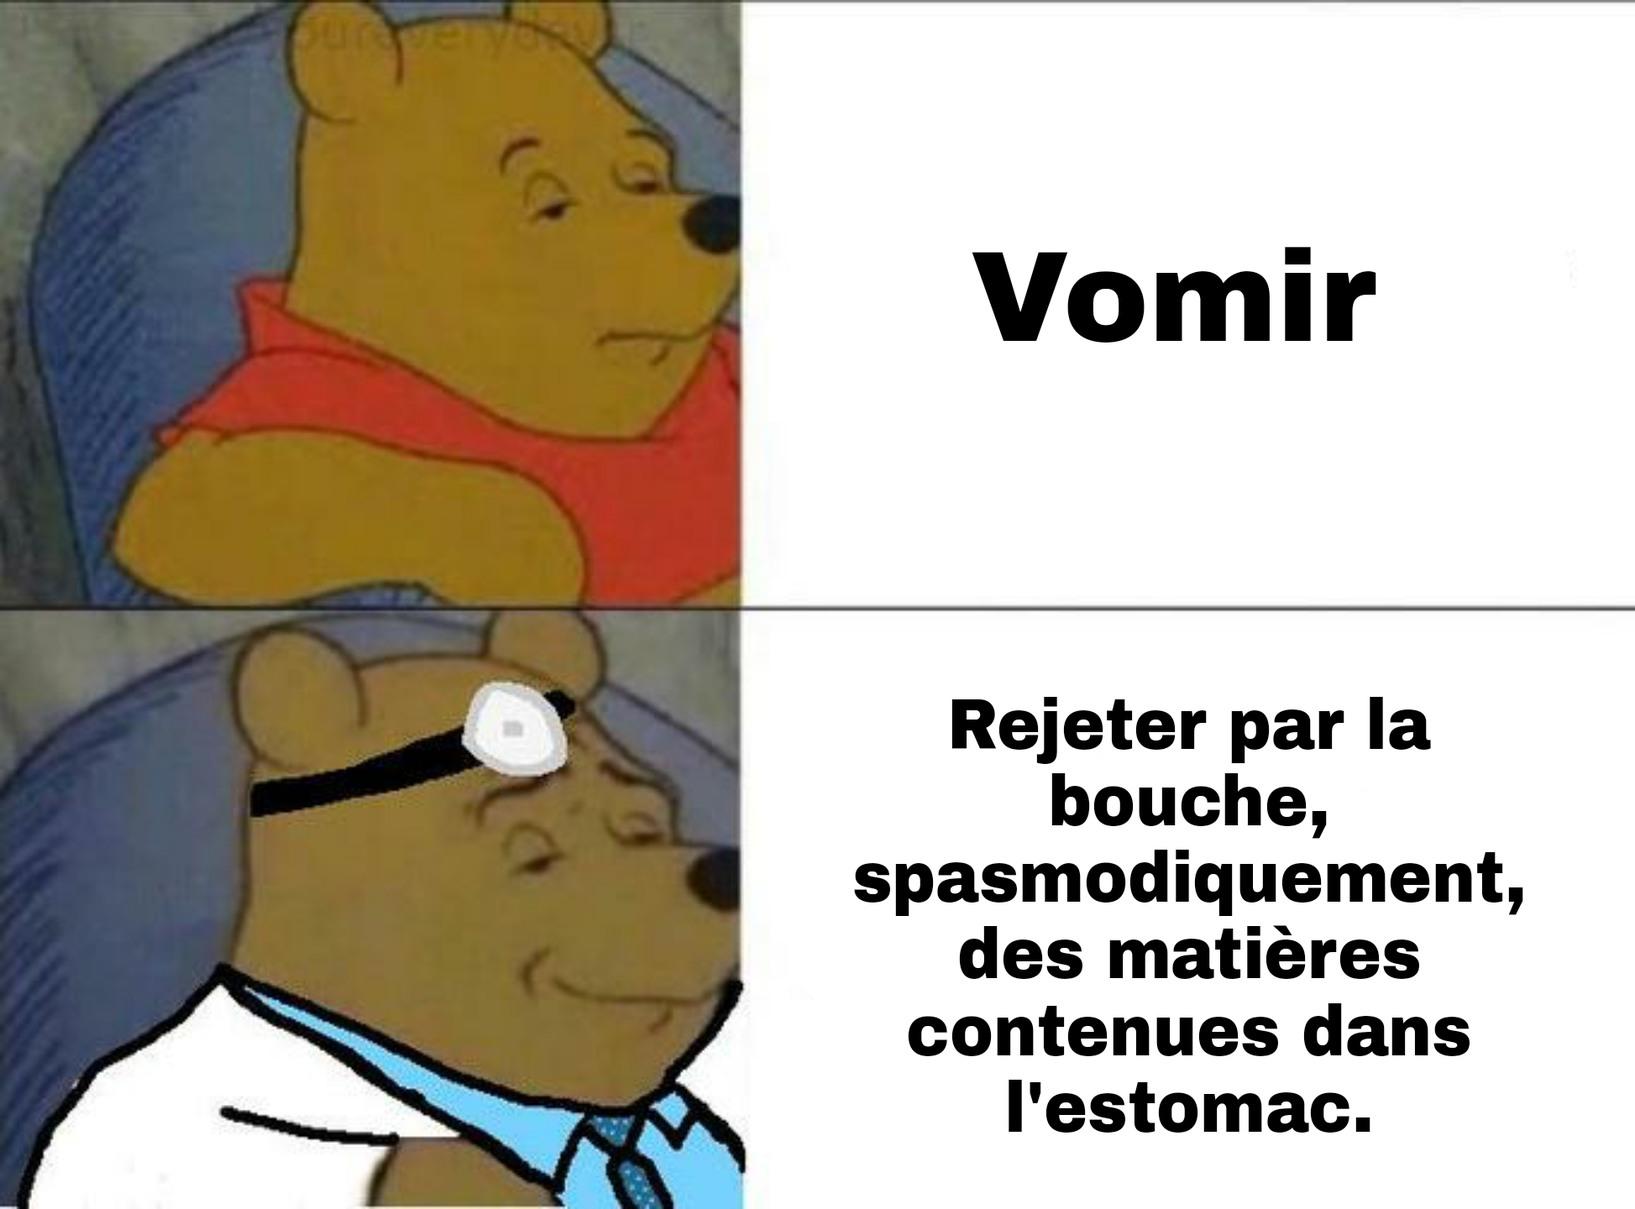 Dégobiller - meme